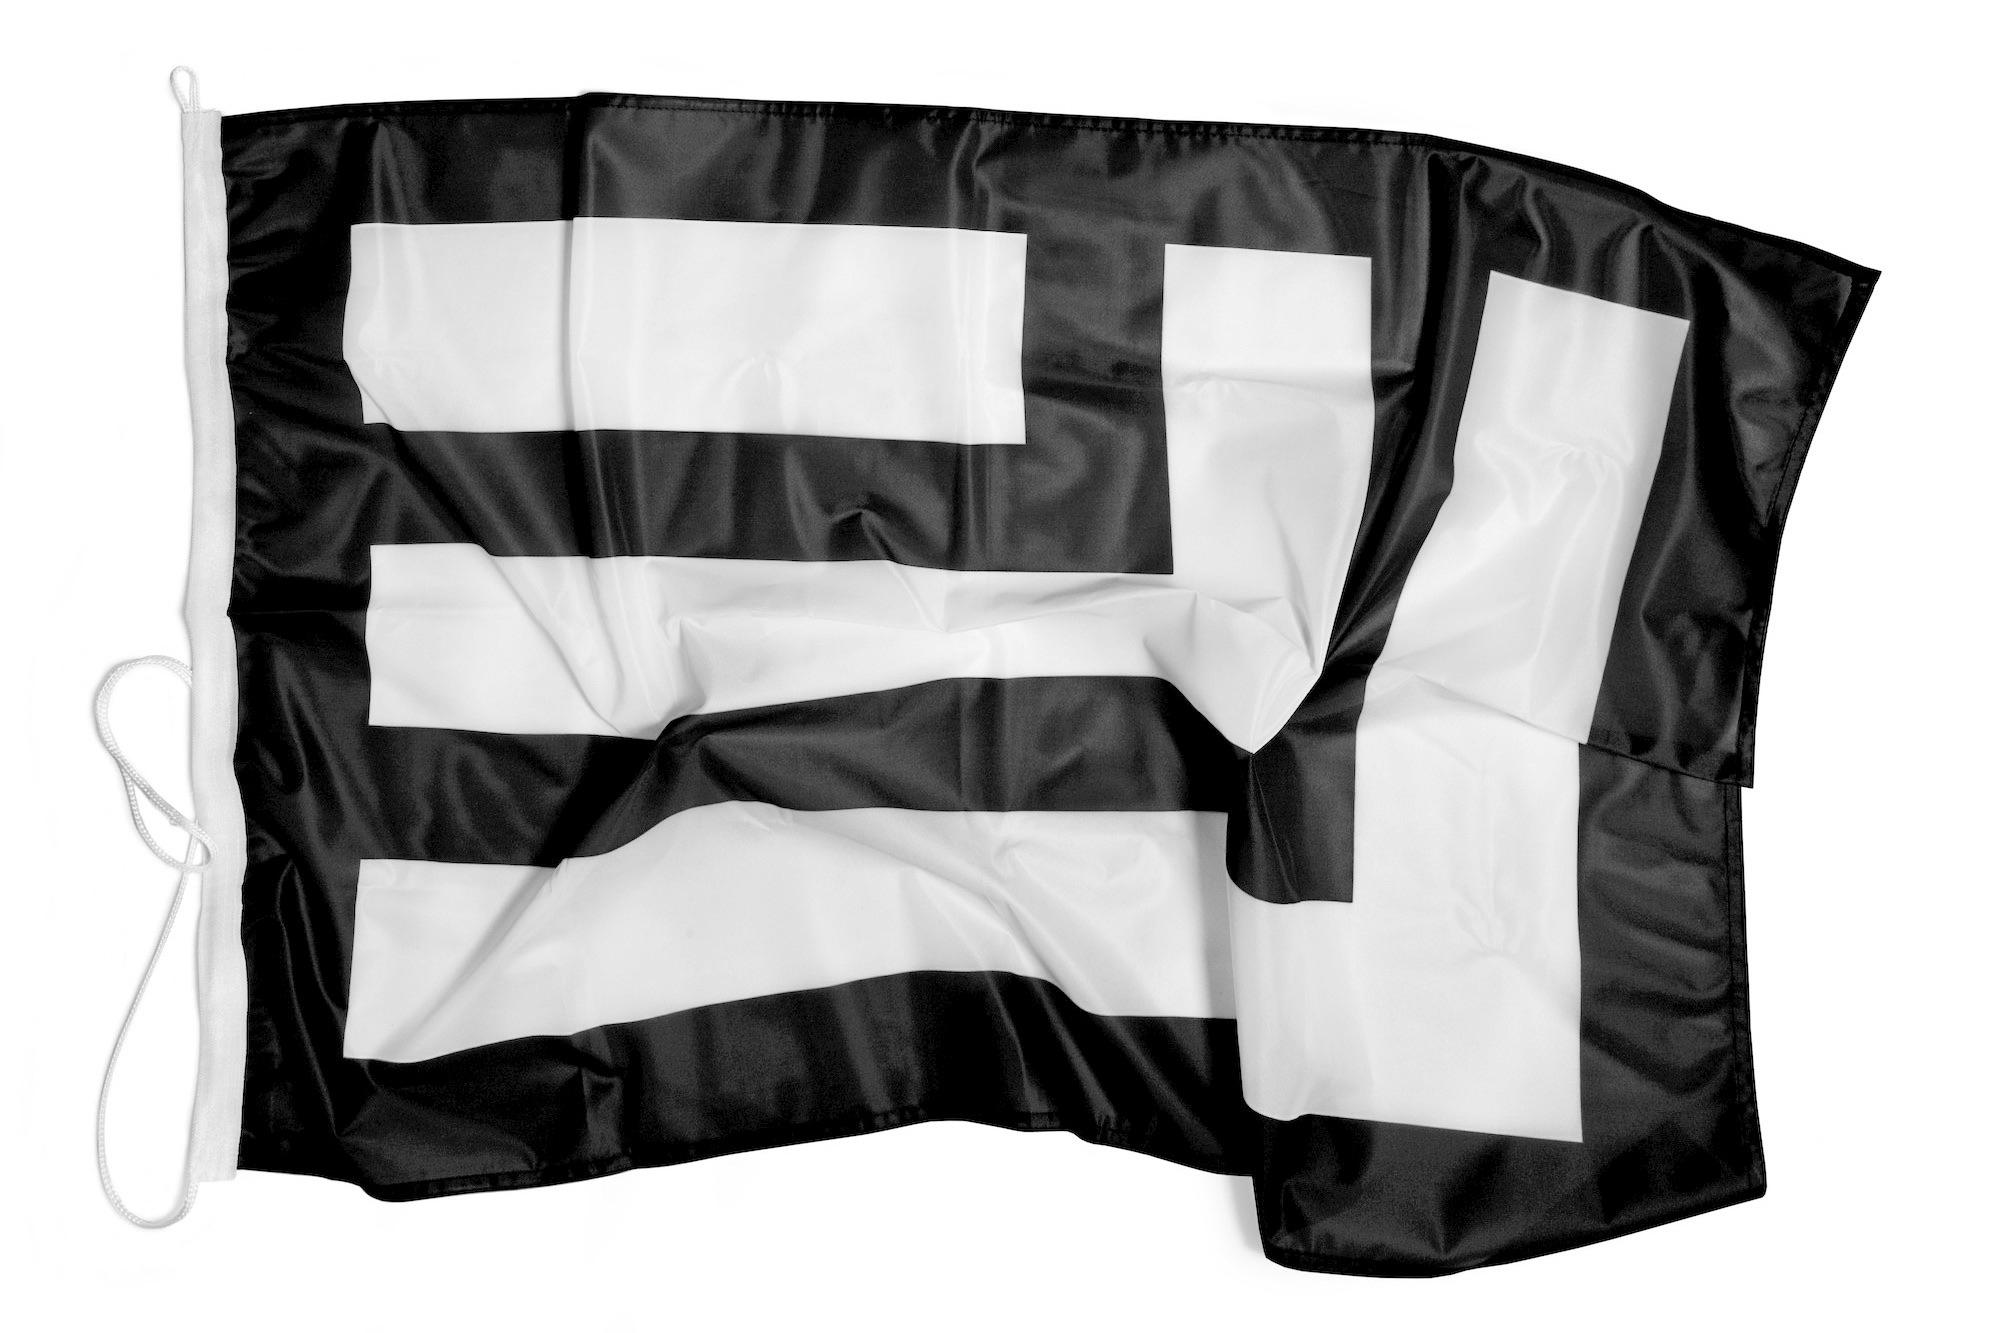 2017 - Daniele De Batté Flag (M - daniele_de_batte | ello